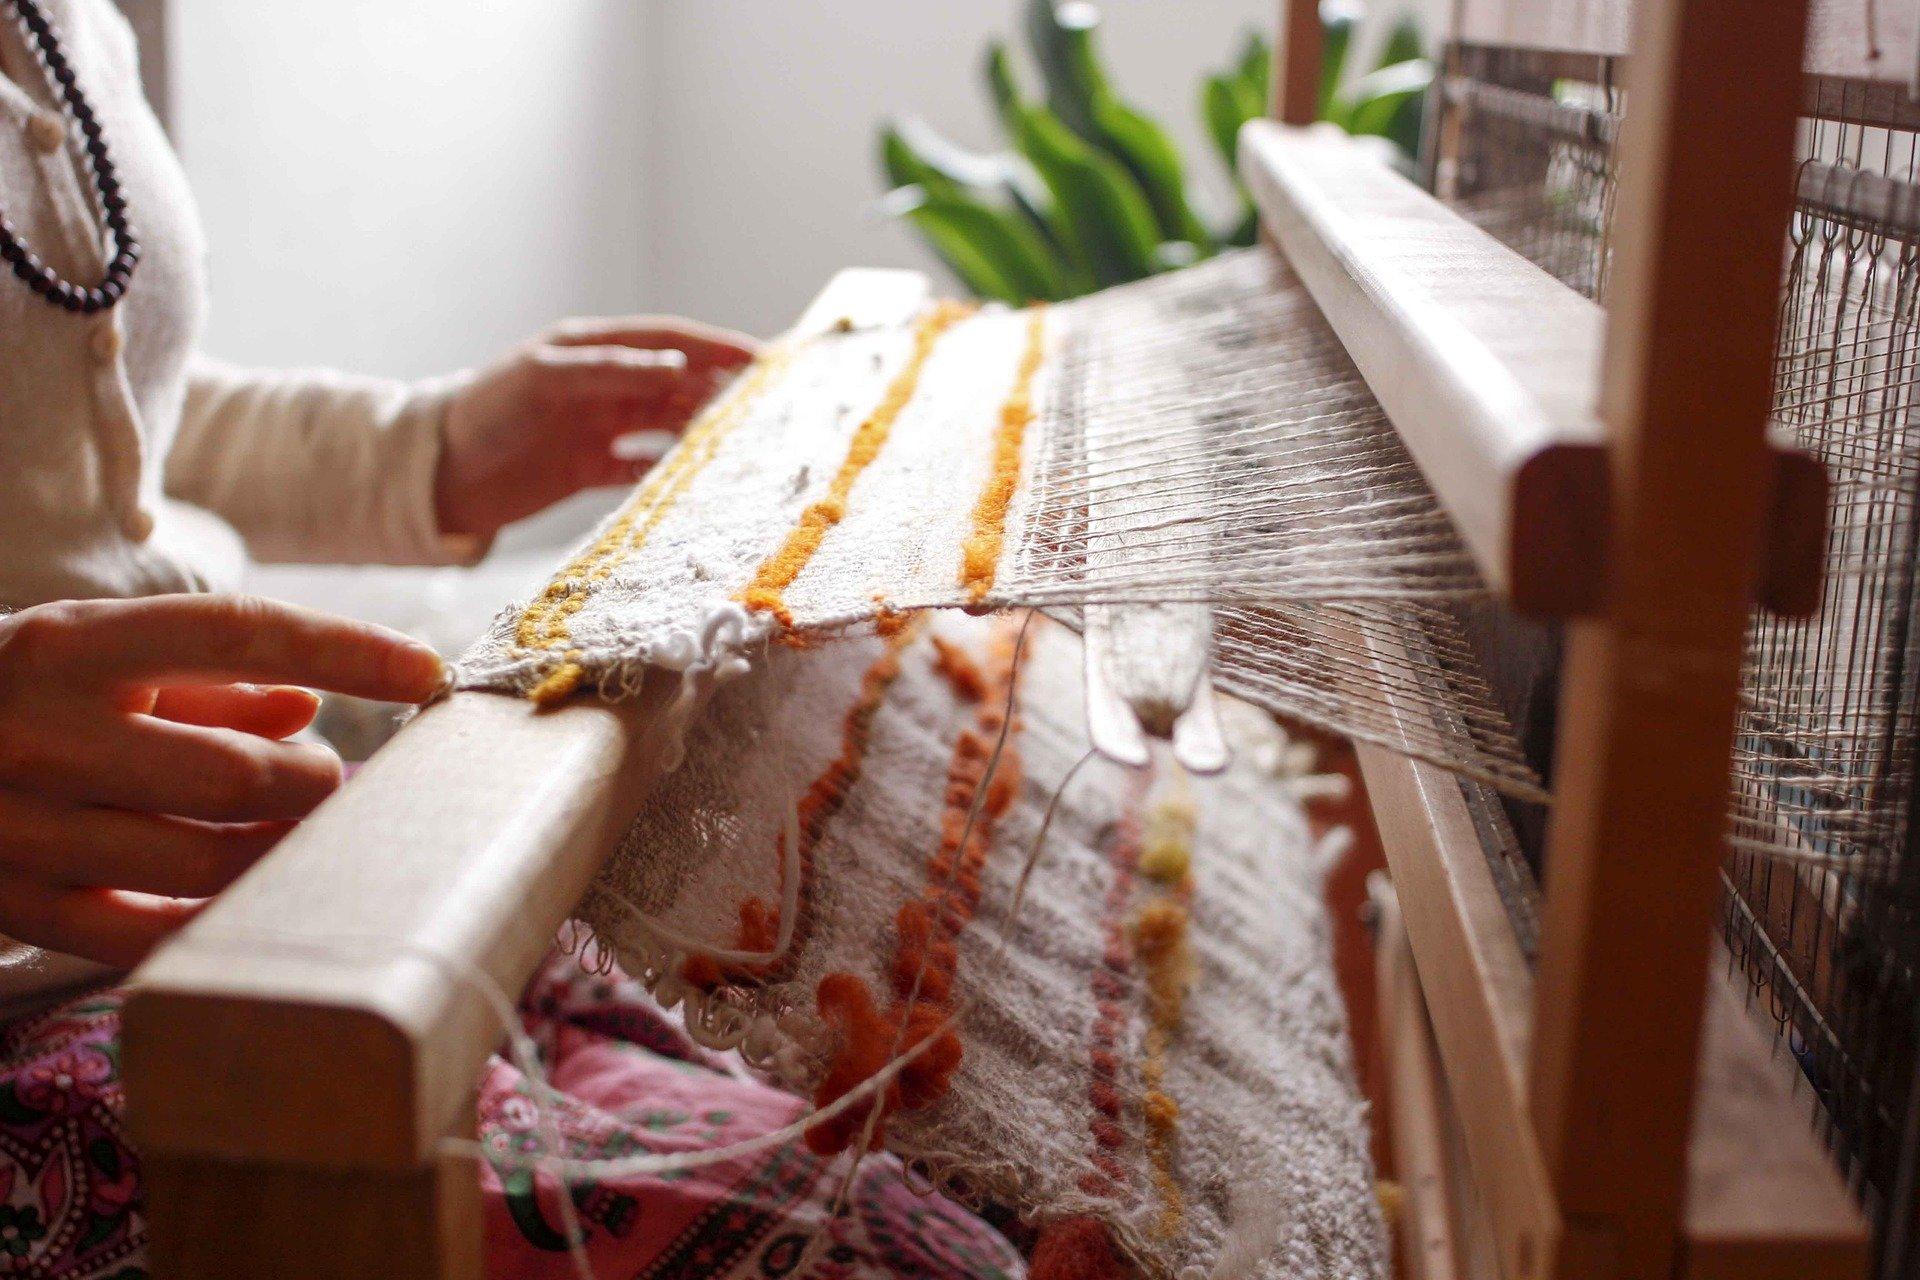 Лабиринты и спирали: в «Загорье» представят выставку народного искусства